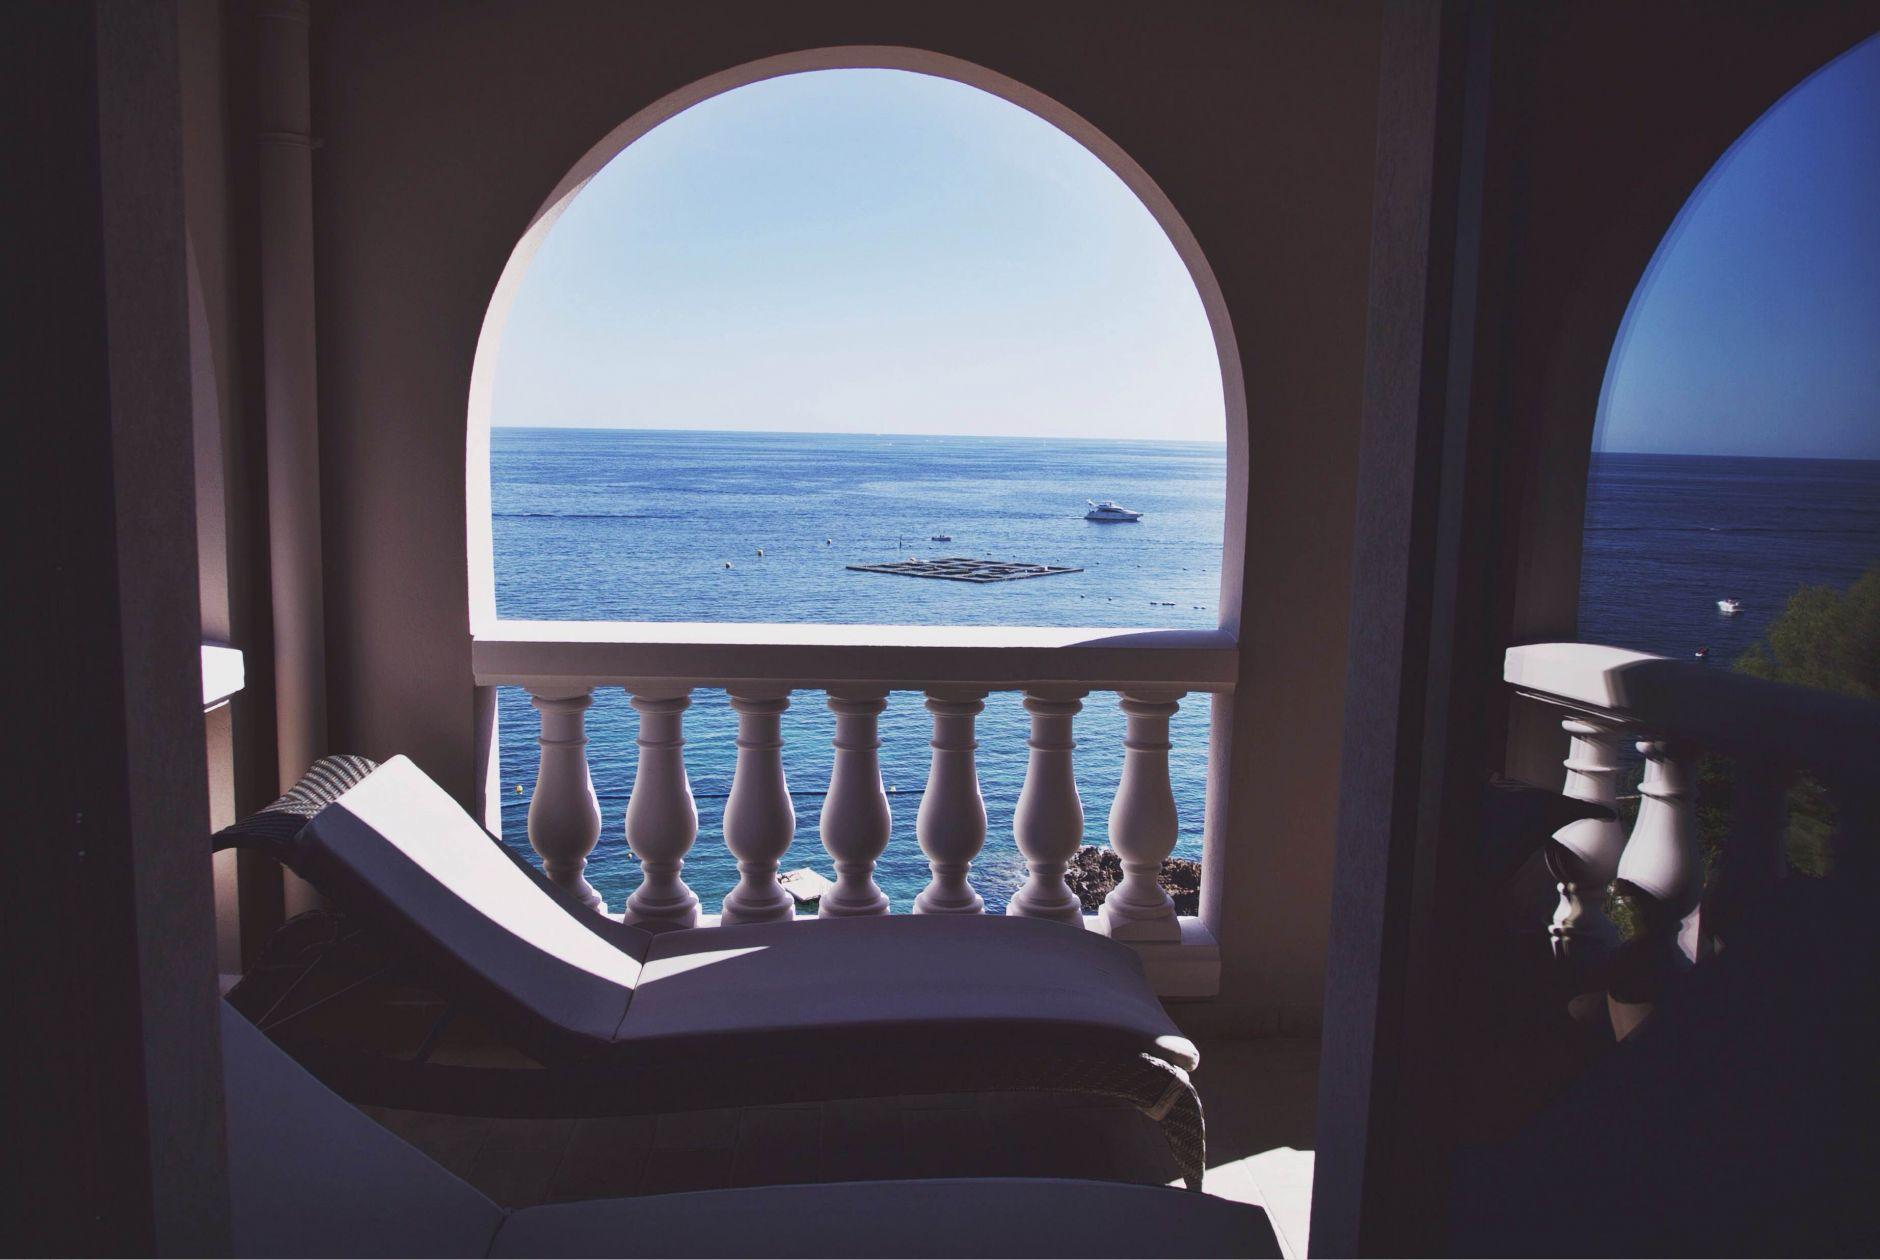 21-Tiara-Miramar-Beach-Hotel-Spa-Cote-dAzur-Disi-Couture-Edisa-Shahini-Cannes-France